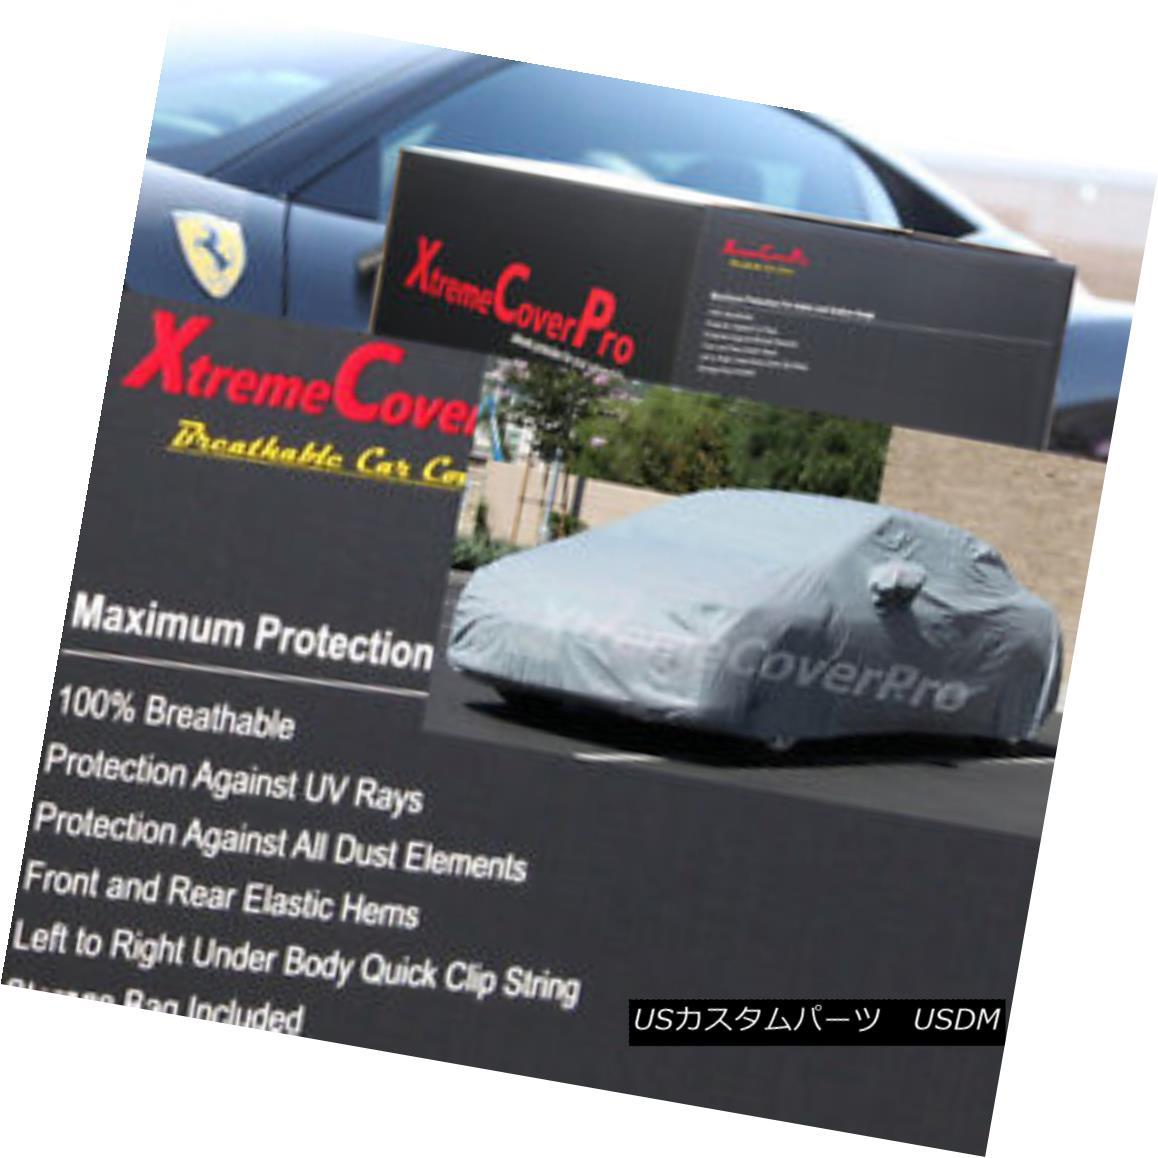 カーカバー 1991 1992 1993 Chrysler New Yorker Breathable Car Cover w/MirrorPocket 1991 1992 1993 Chrysler New Yorker通気性車カバー付き/ MirrorPocket